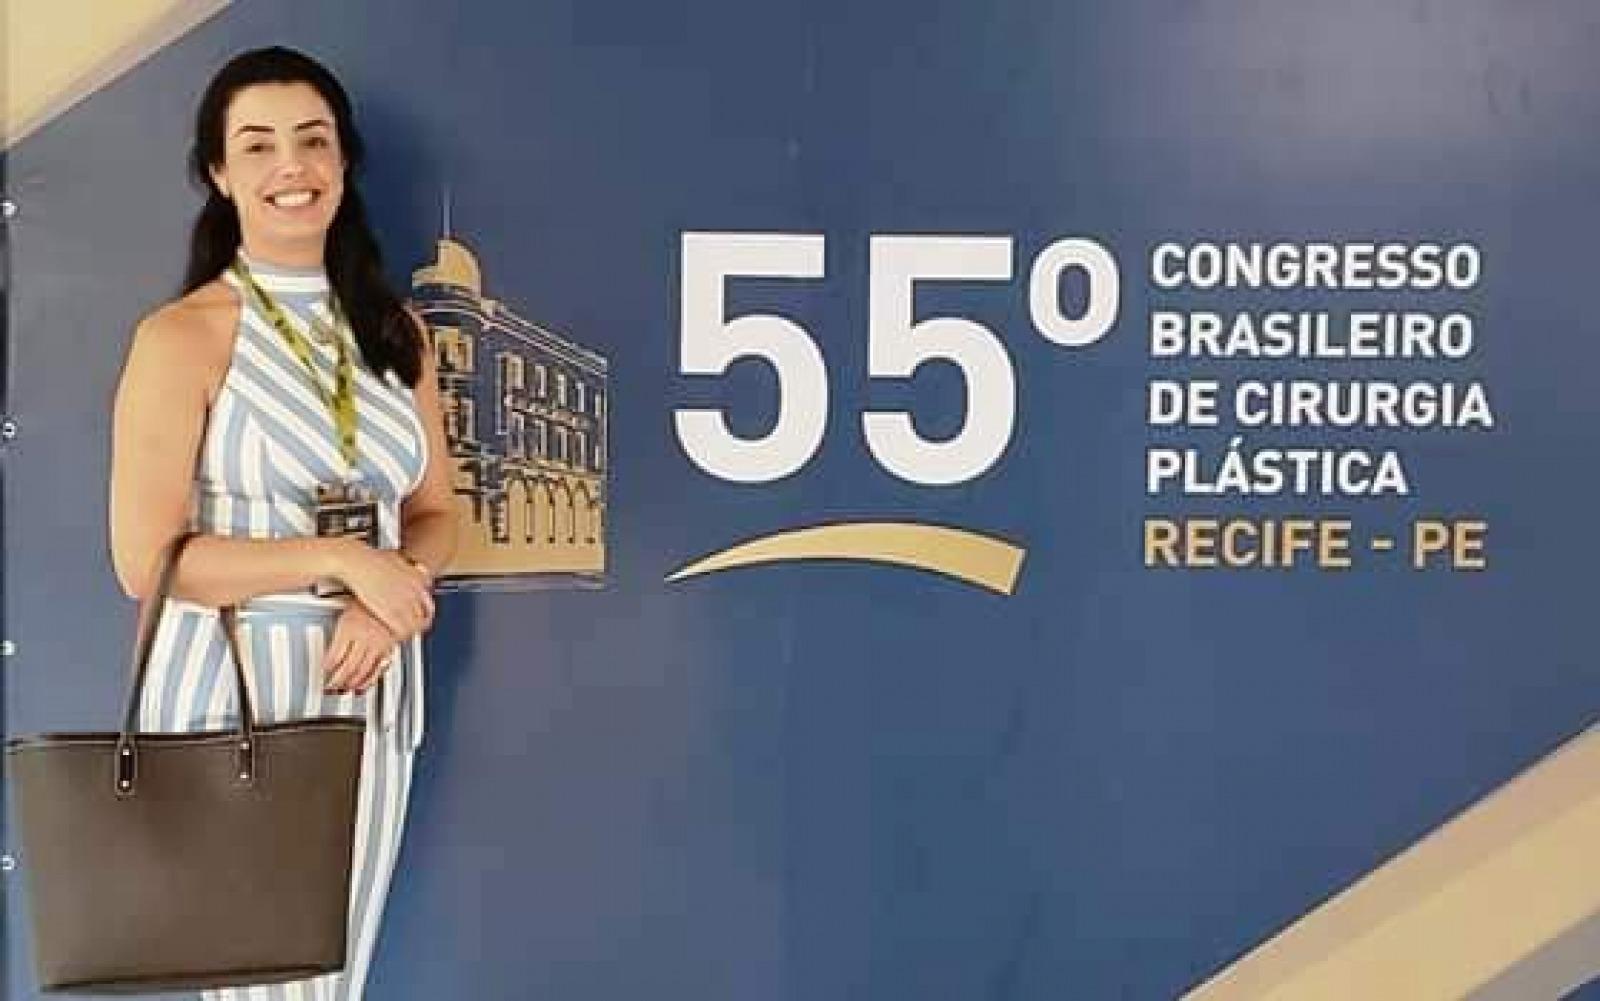 55º Congresso Brasileiro de Cirurgia Plástica